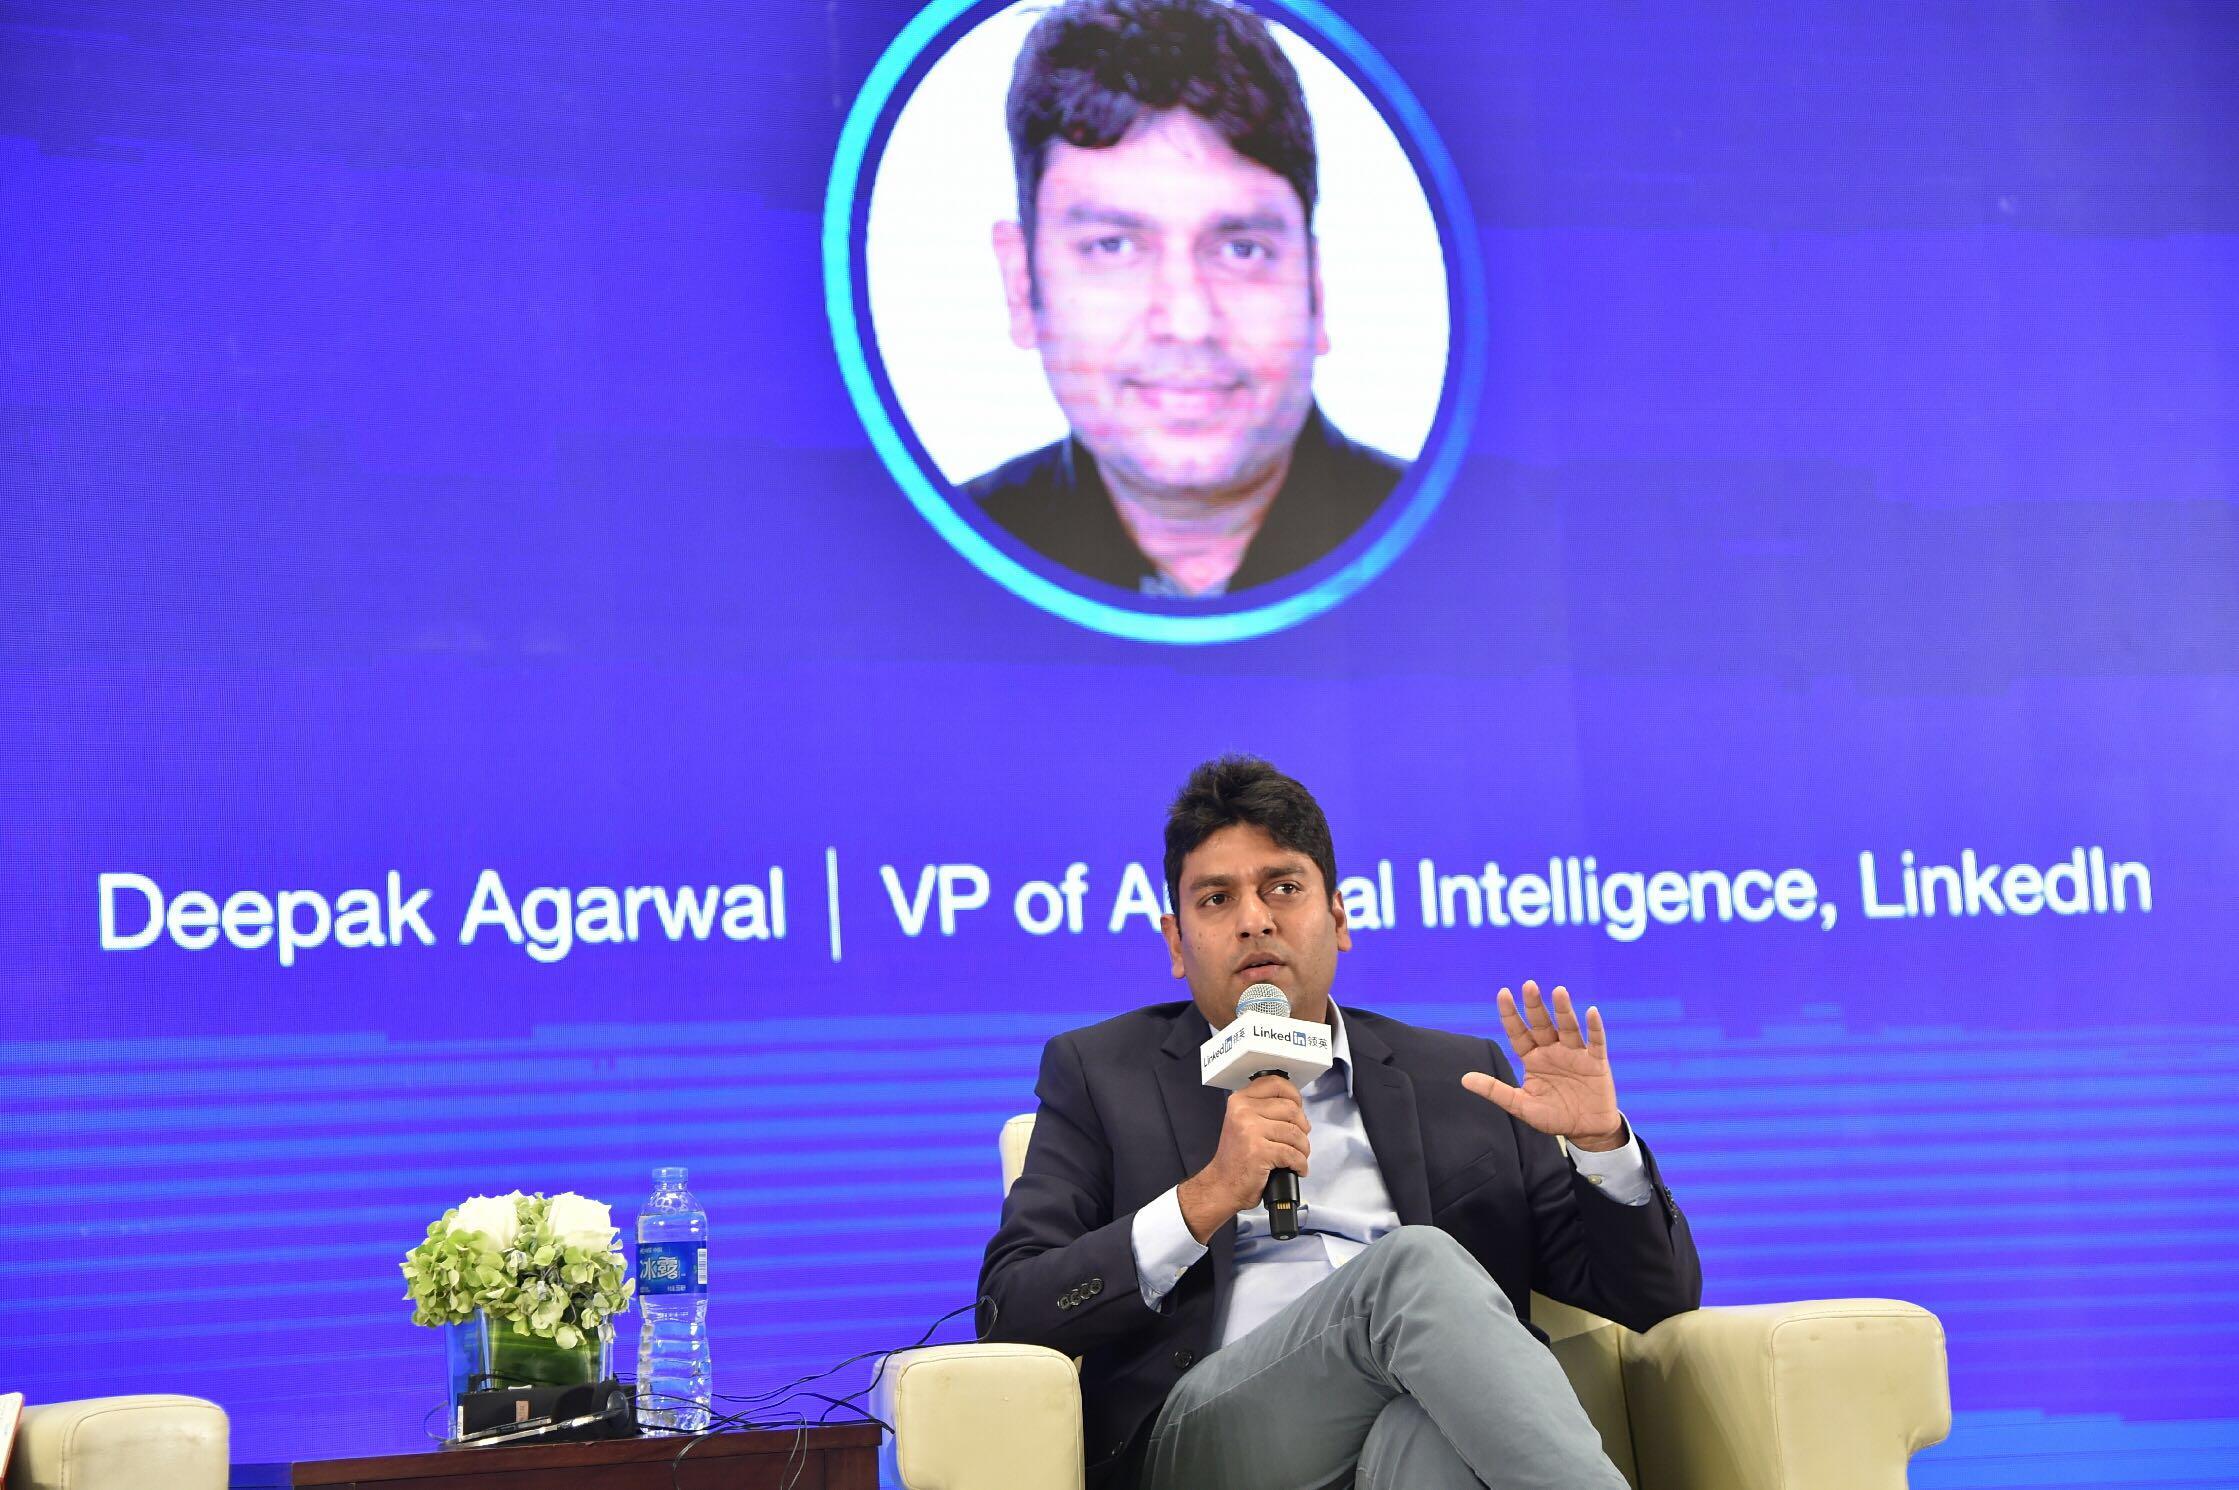 领英人工智能副总裁Deepak Agarwal